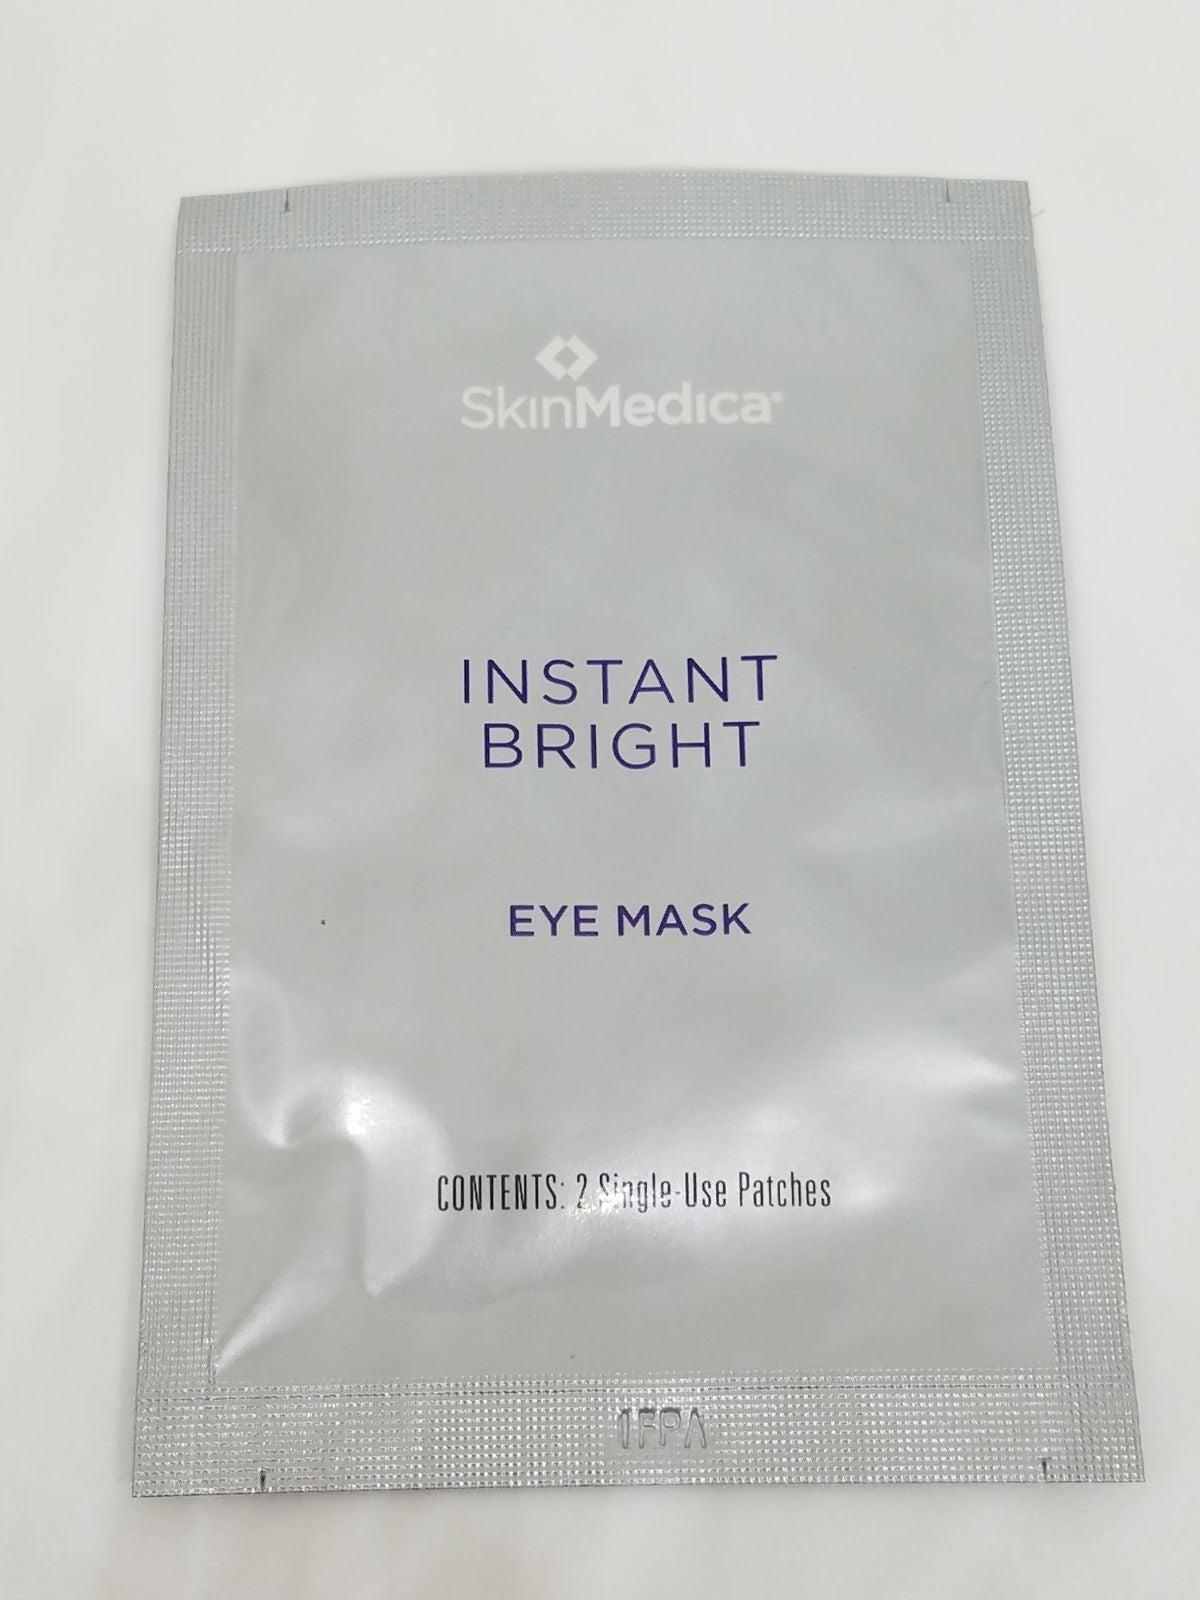 SkinMedica Instant Bright Eye Mask